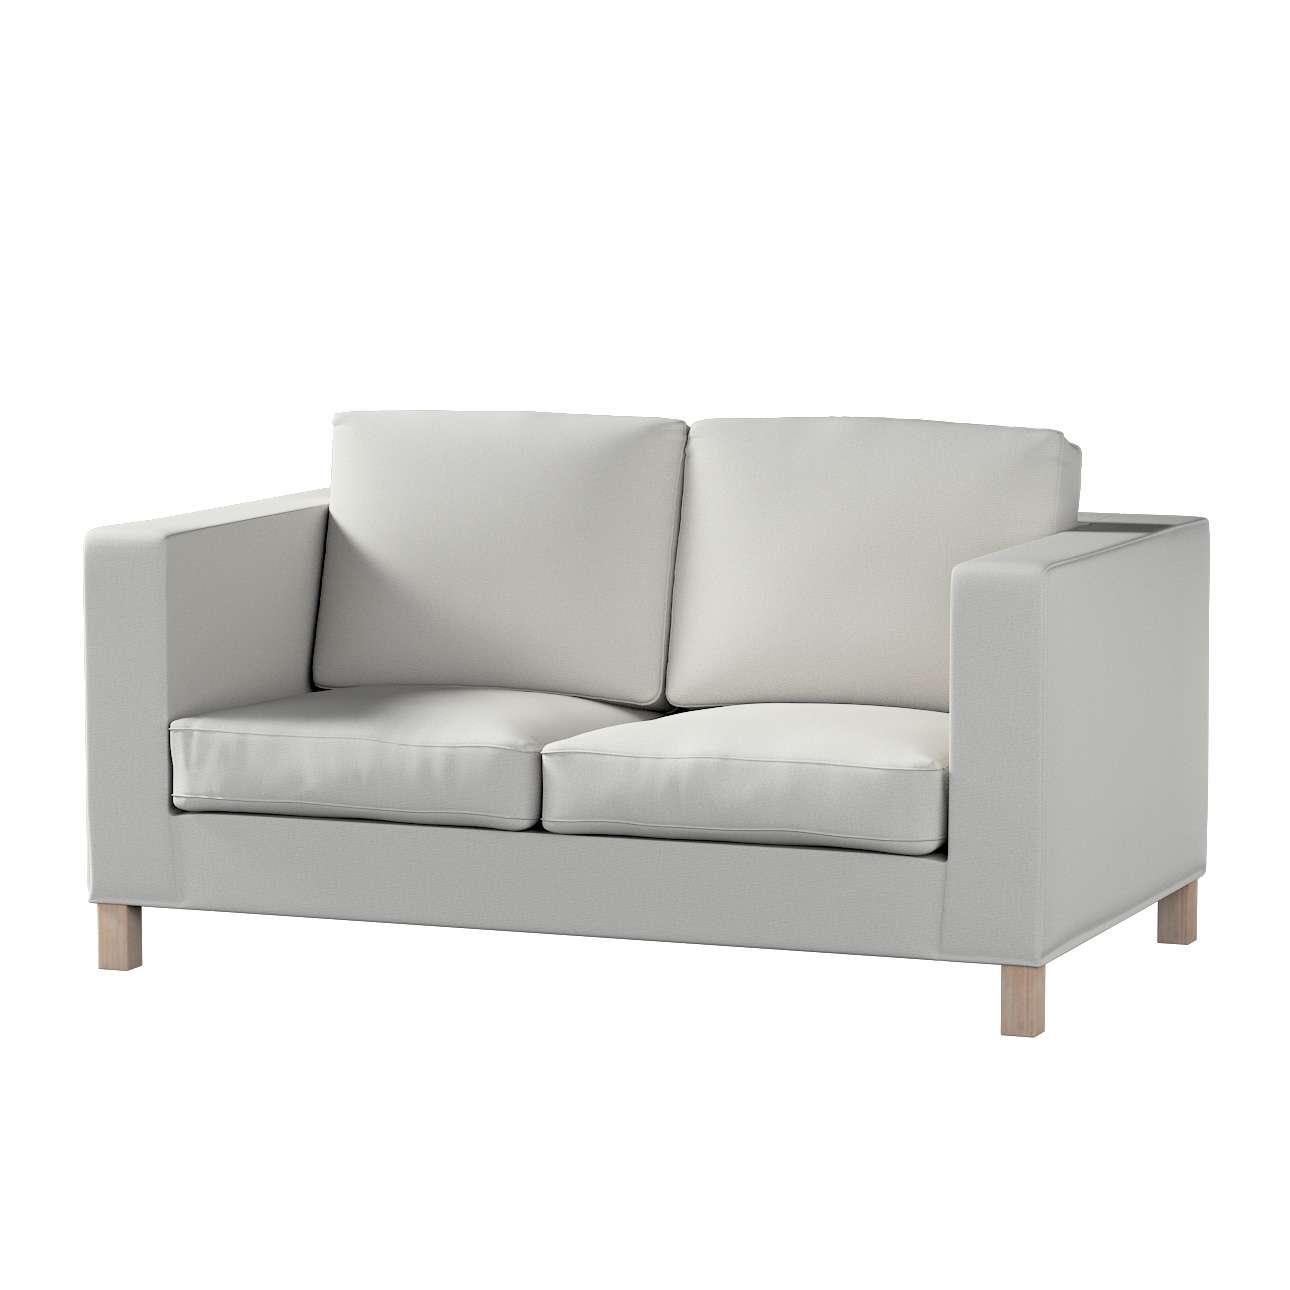 Karlanda 2-Sitzer Sofabezug nicht ausklappbar kurz Karlanda 2-Sitzer von der Kollektion Etna, Stoff: 705-90